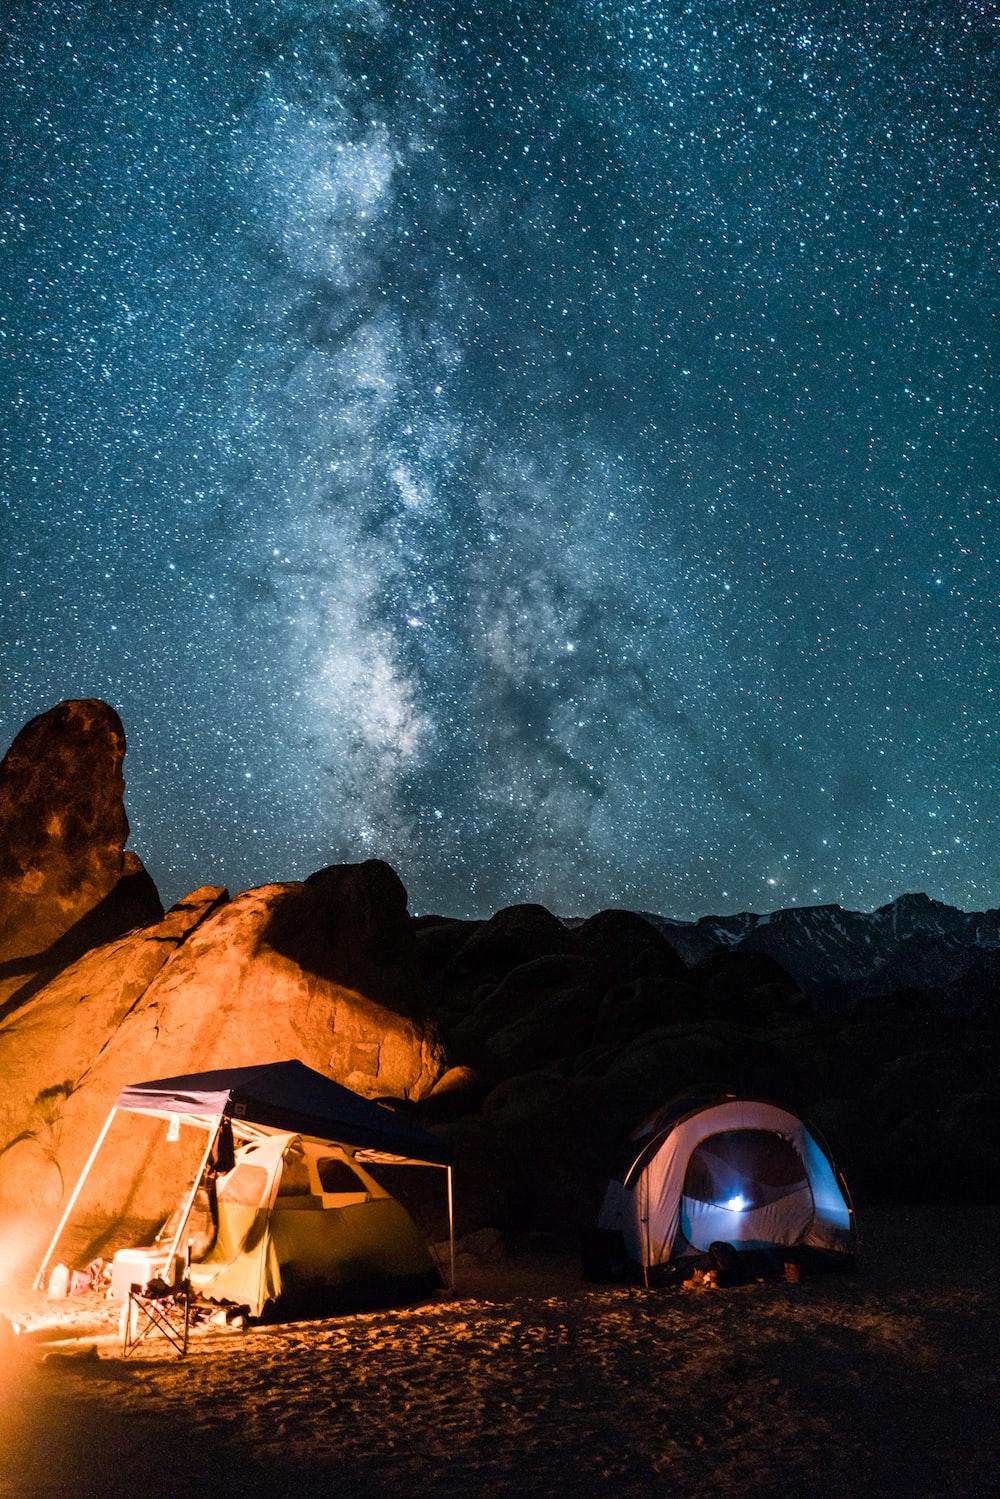 campers under milky way